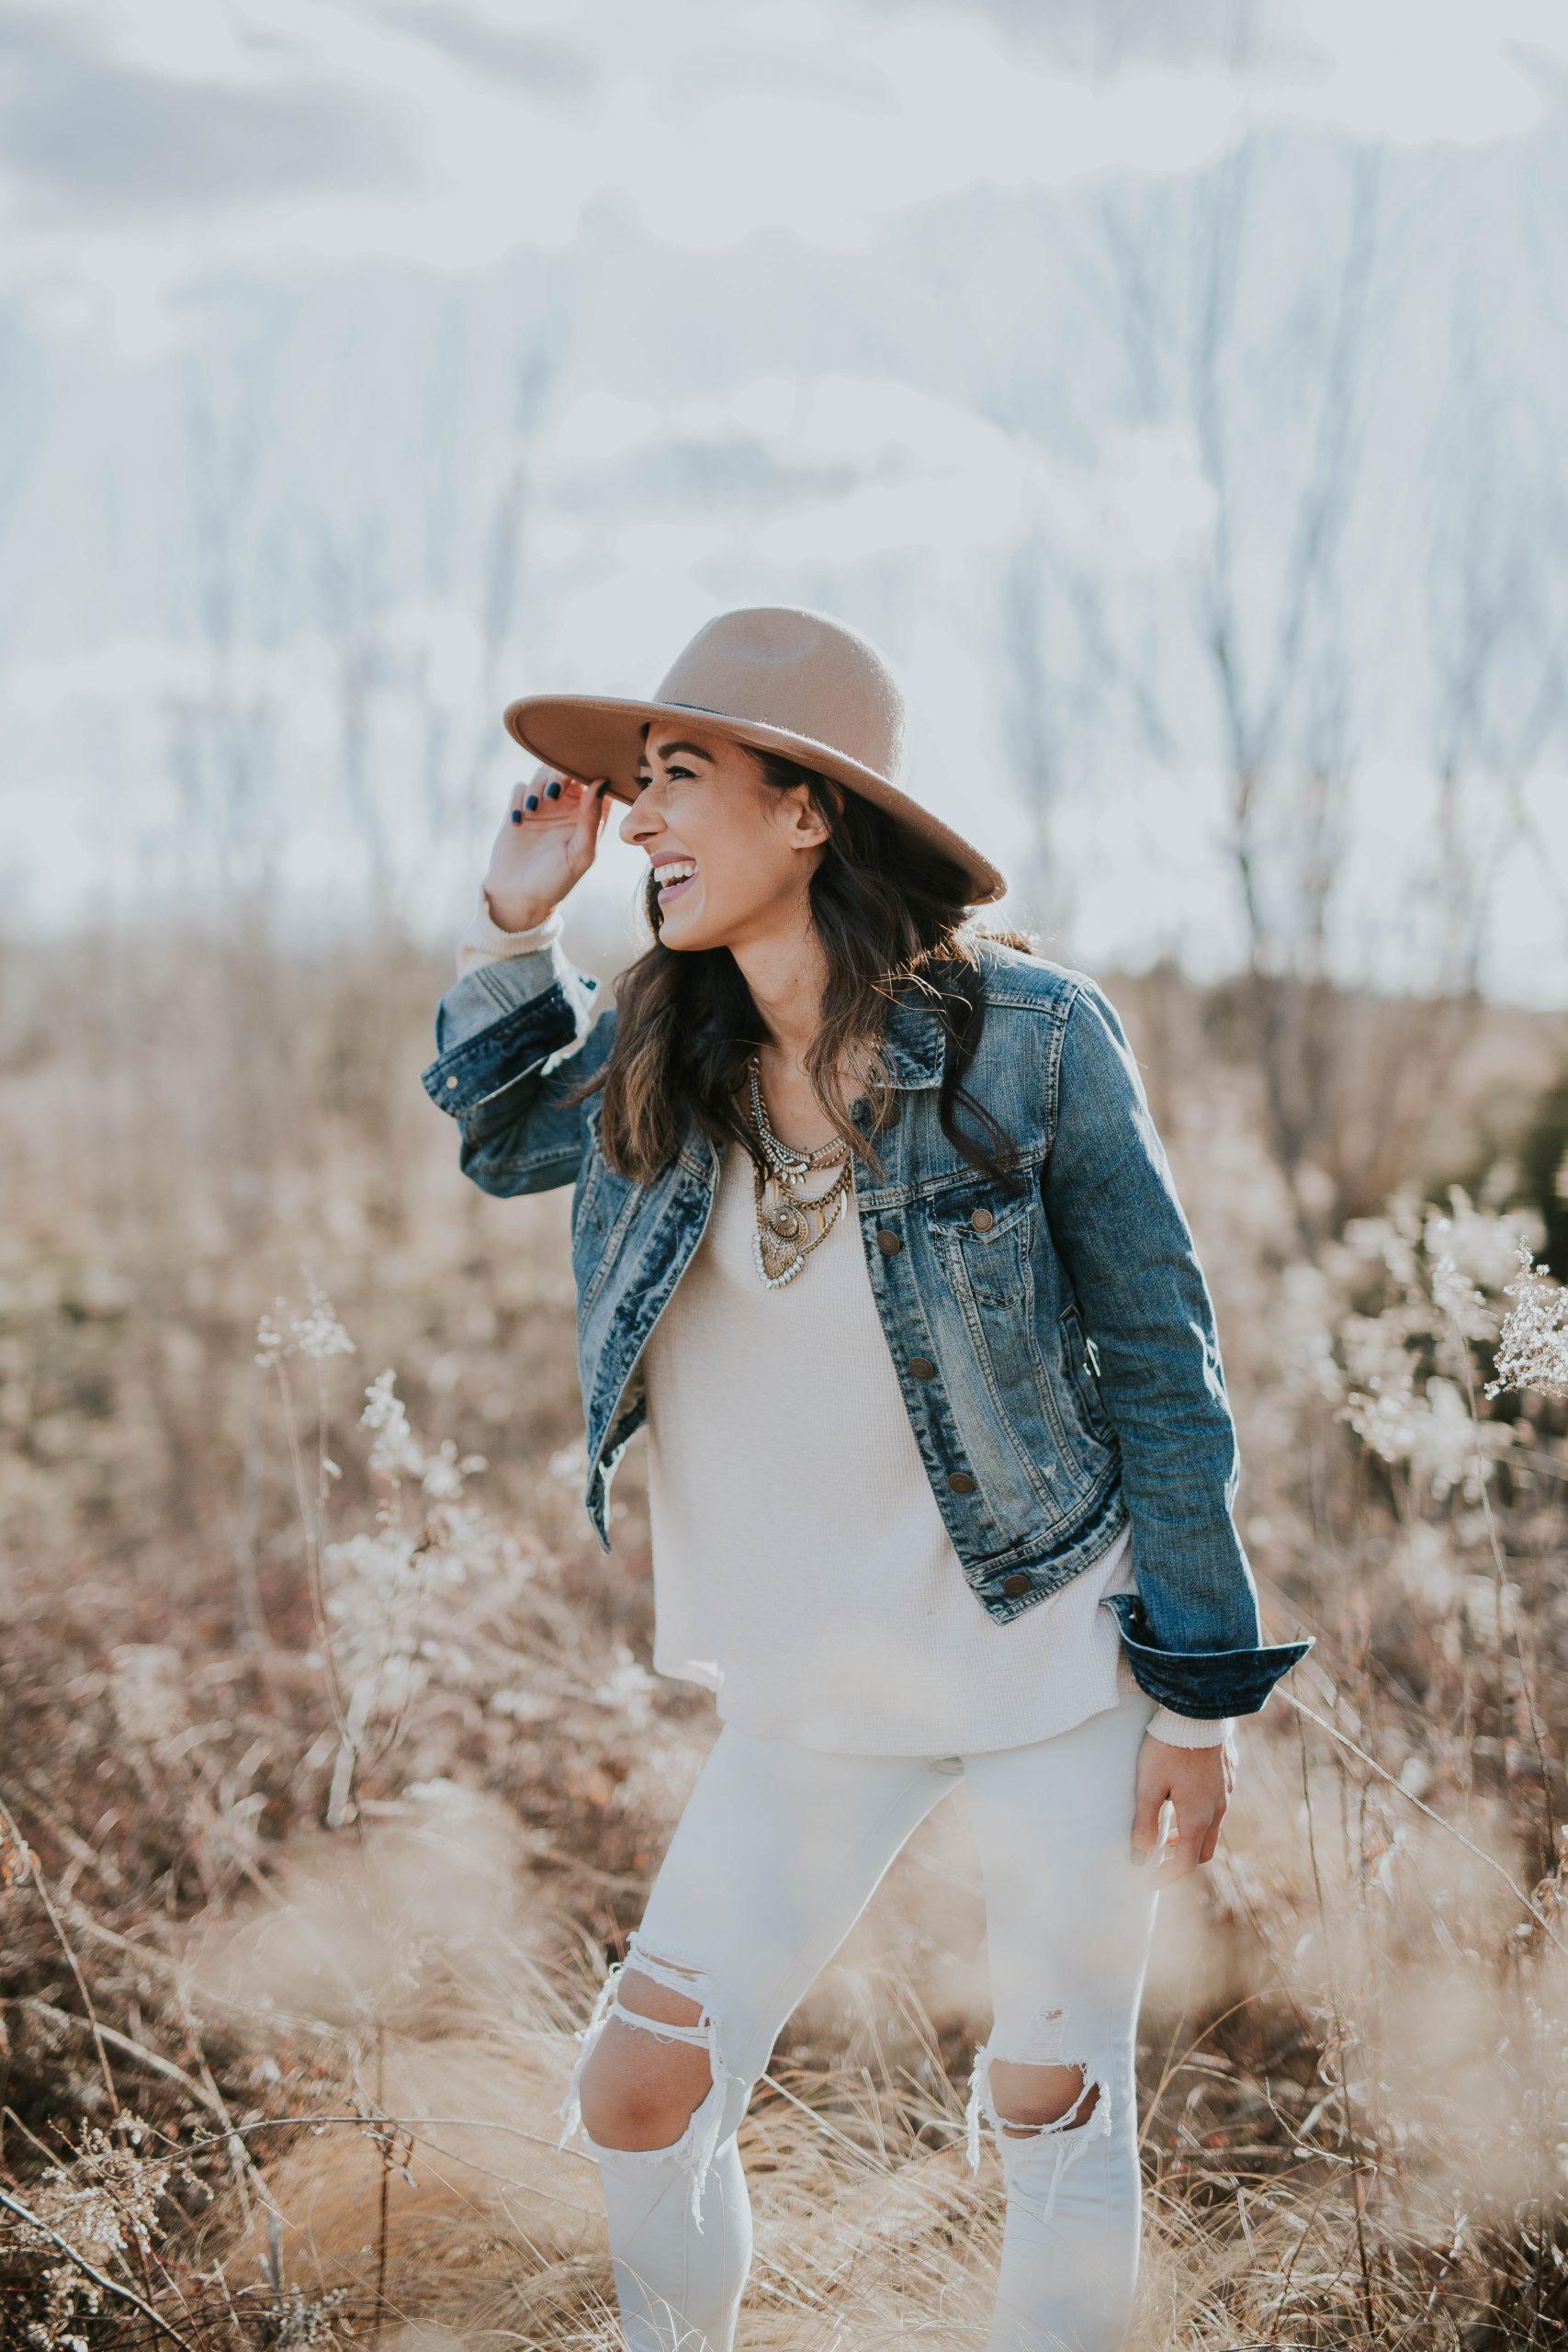 girl in a hat in a field